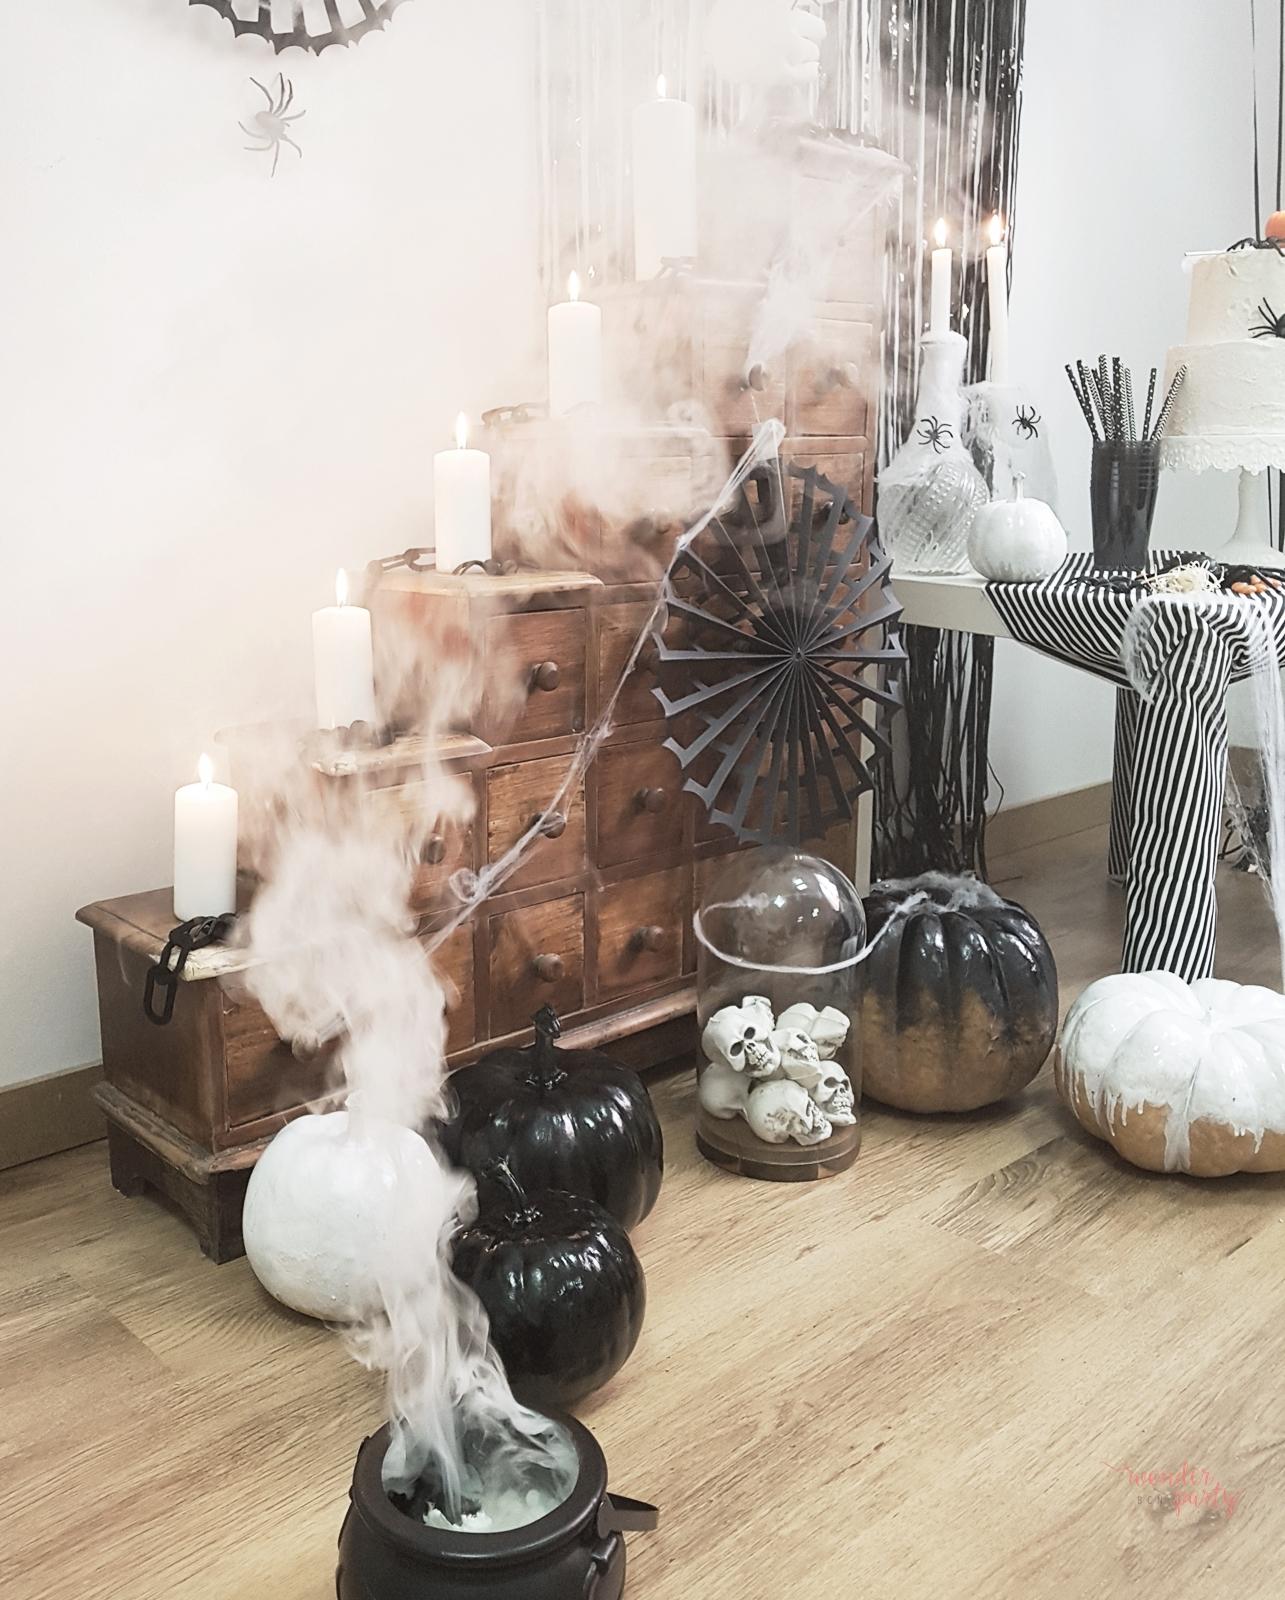 Halloboo party inspiración para halloween fiestas y productos para fiestas temáticas en barcelona para familias únicas Wonder Party Bcn DIY para fiesta de halooween disfrcaes para niños